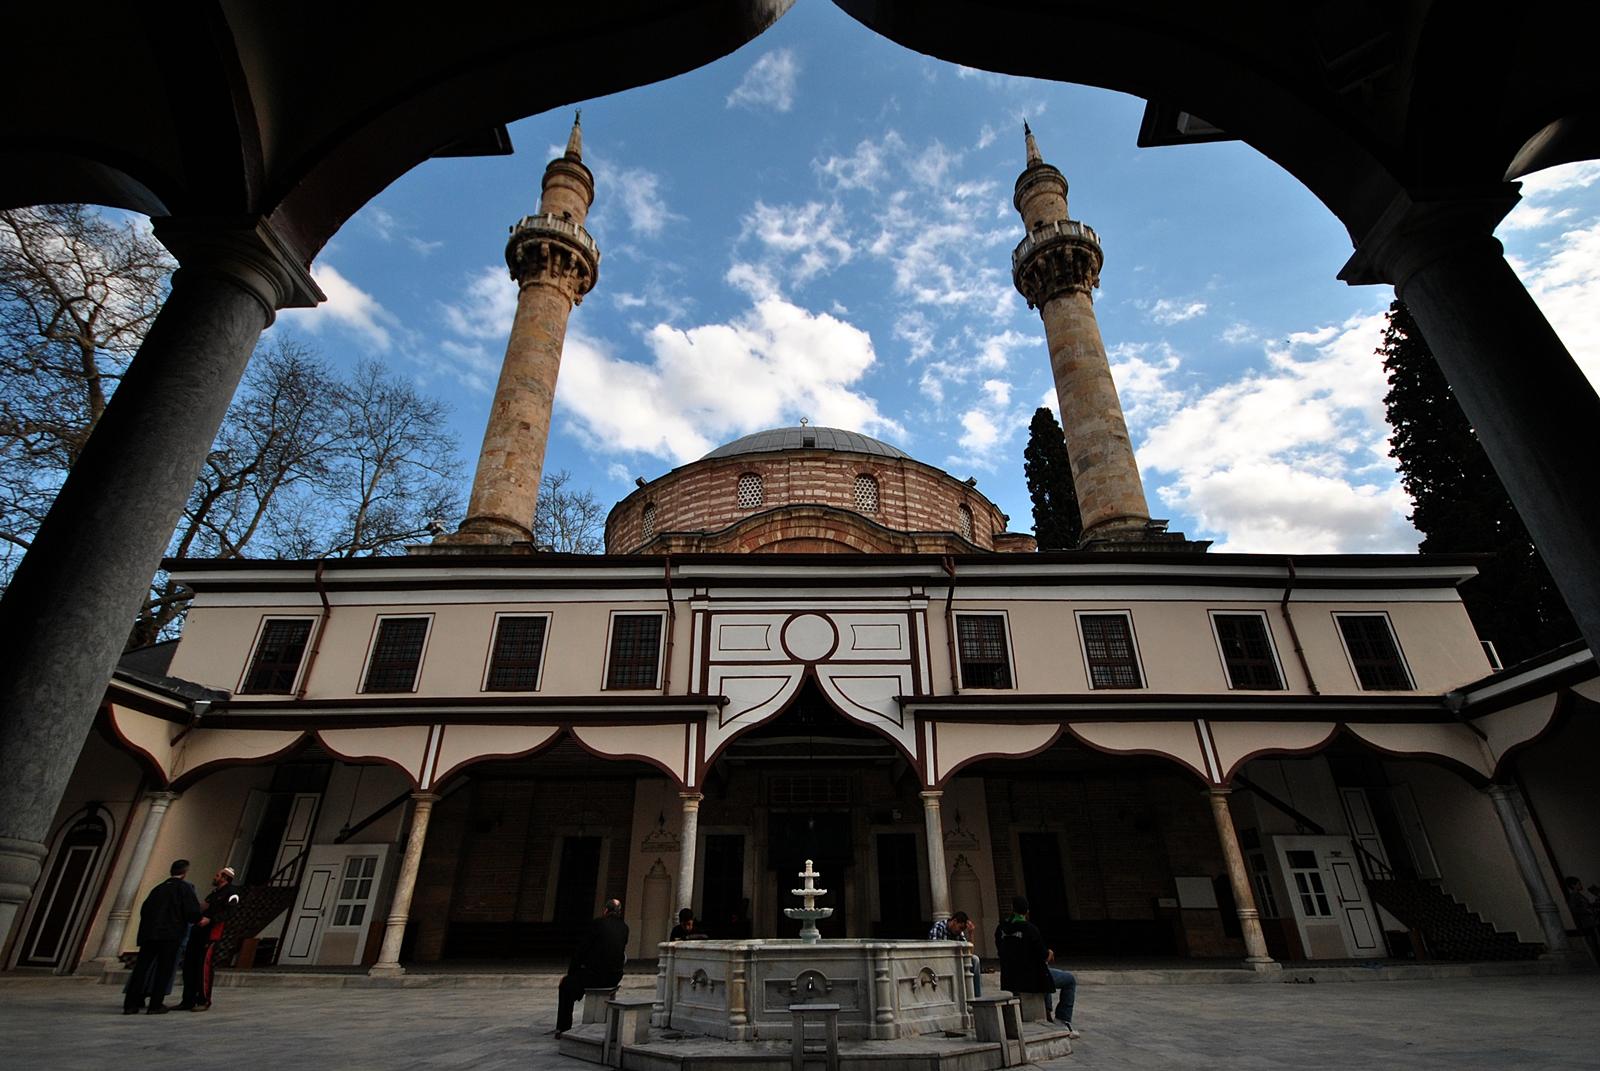 Kapadokya gezilecek yerler - Emir Sultan Camii ve Külliyesi